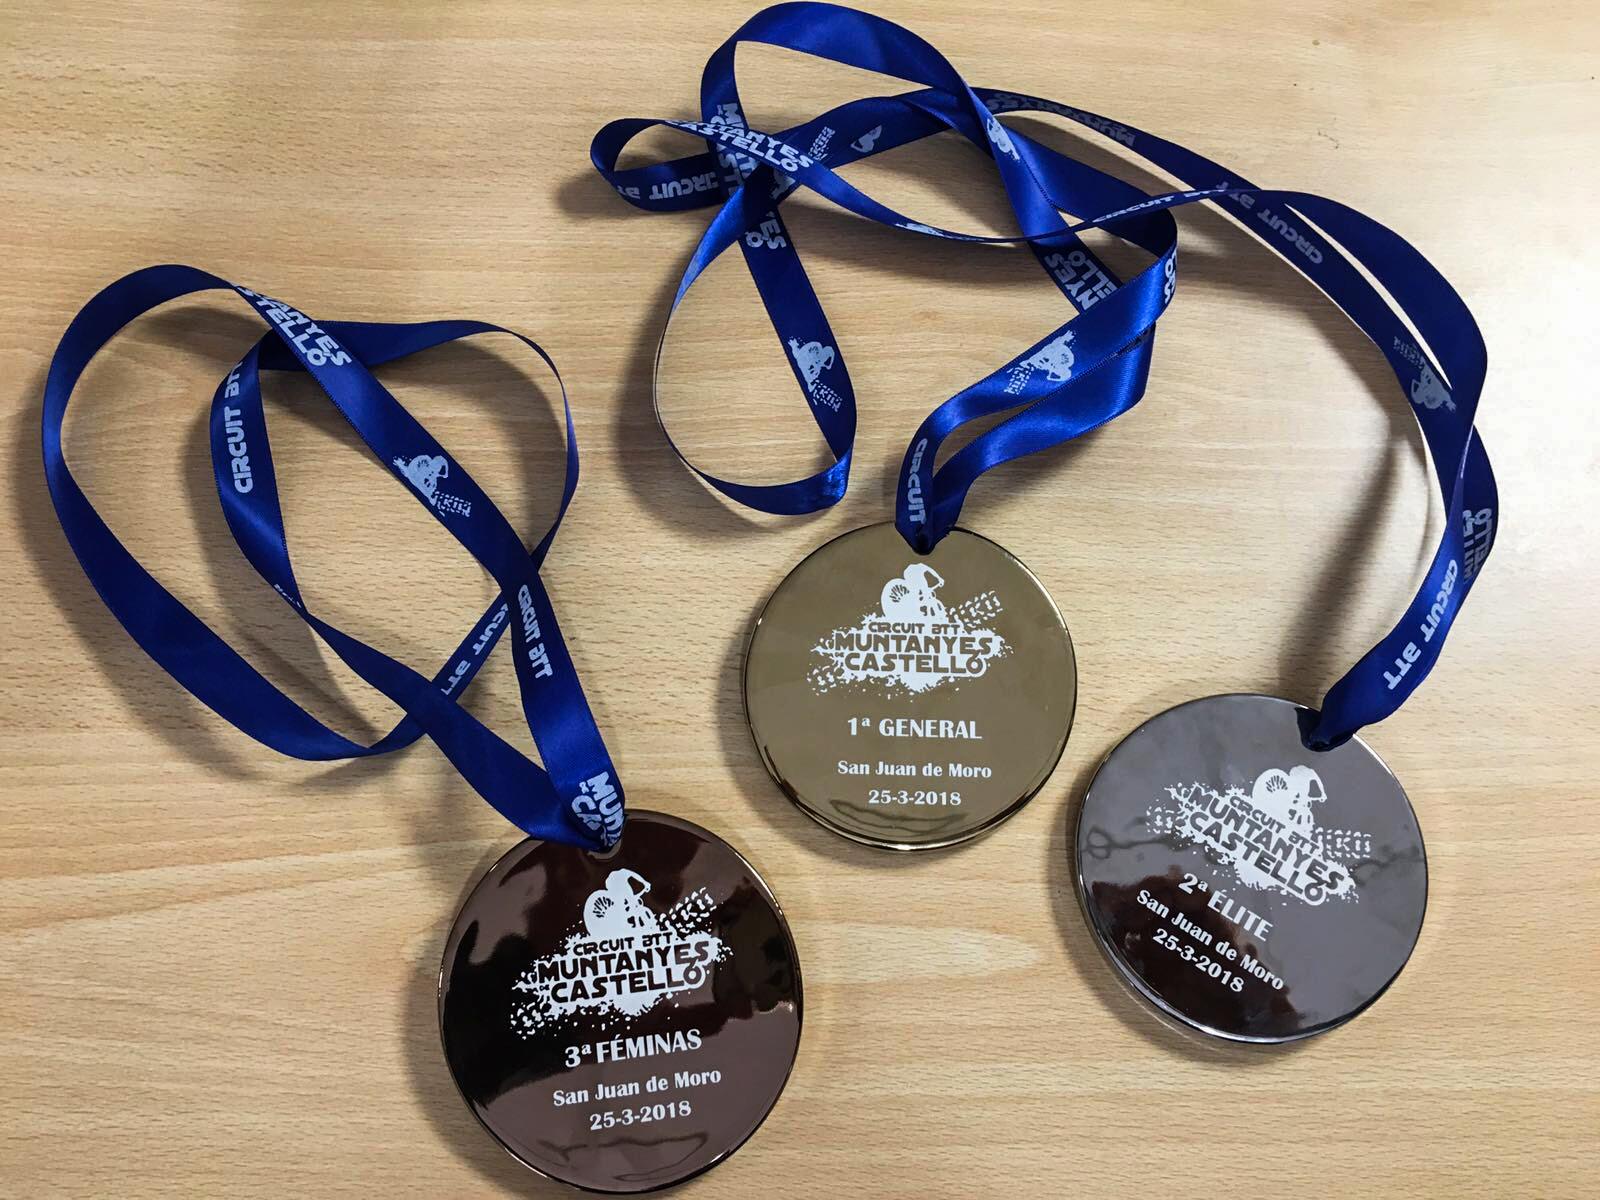 Medallas y maillot para los ganadores de la XII Marxa Senglars 2018